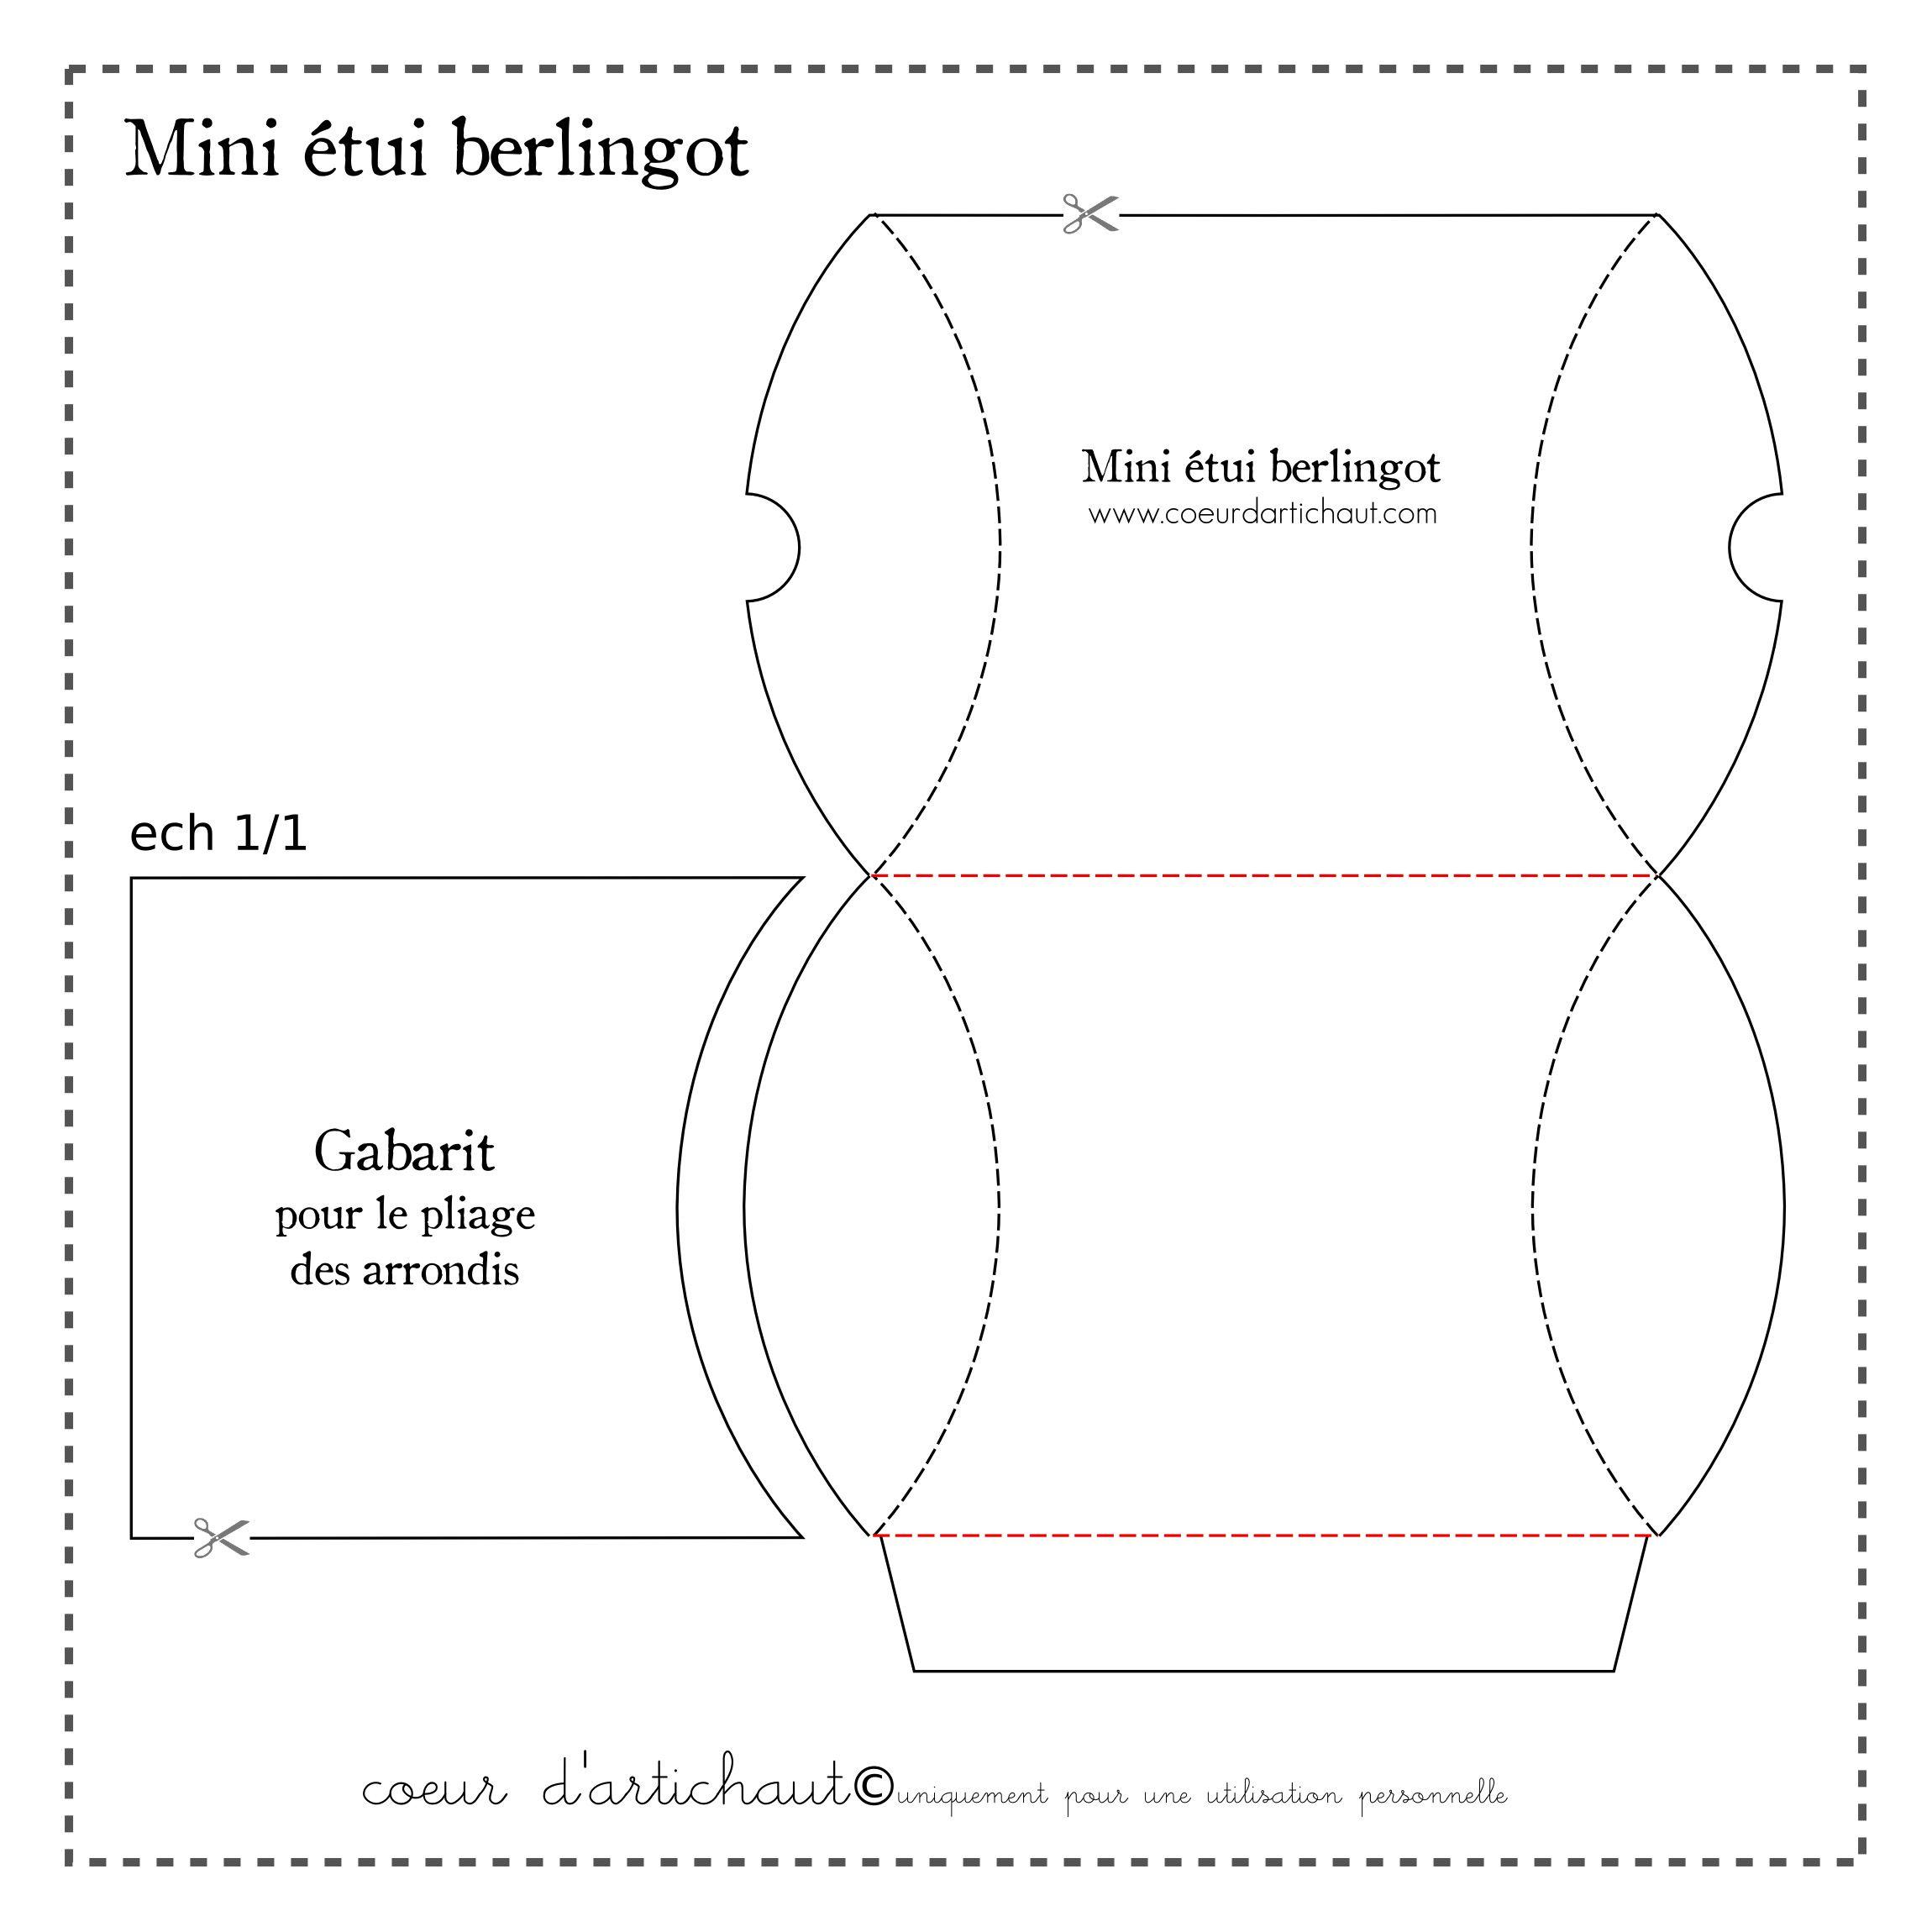 Gabarit tui berlingot tuto papiers papers diy pinterest etui boite cadeau et minis - Gabarit boite en papier ...